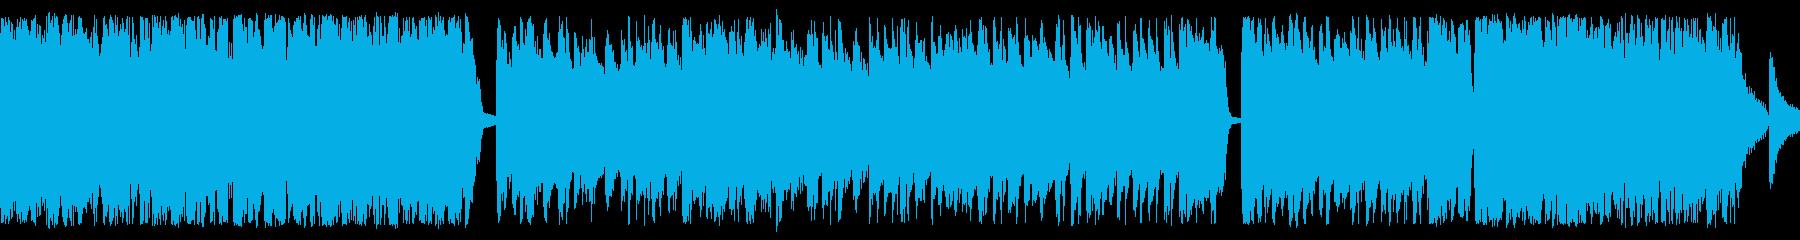 伝統のお祭りソーラン節 軽快な和風ループの再生済みの波形